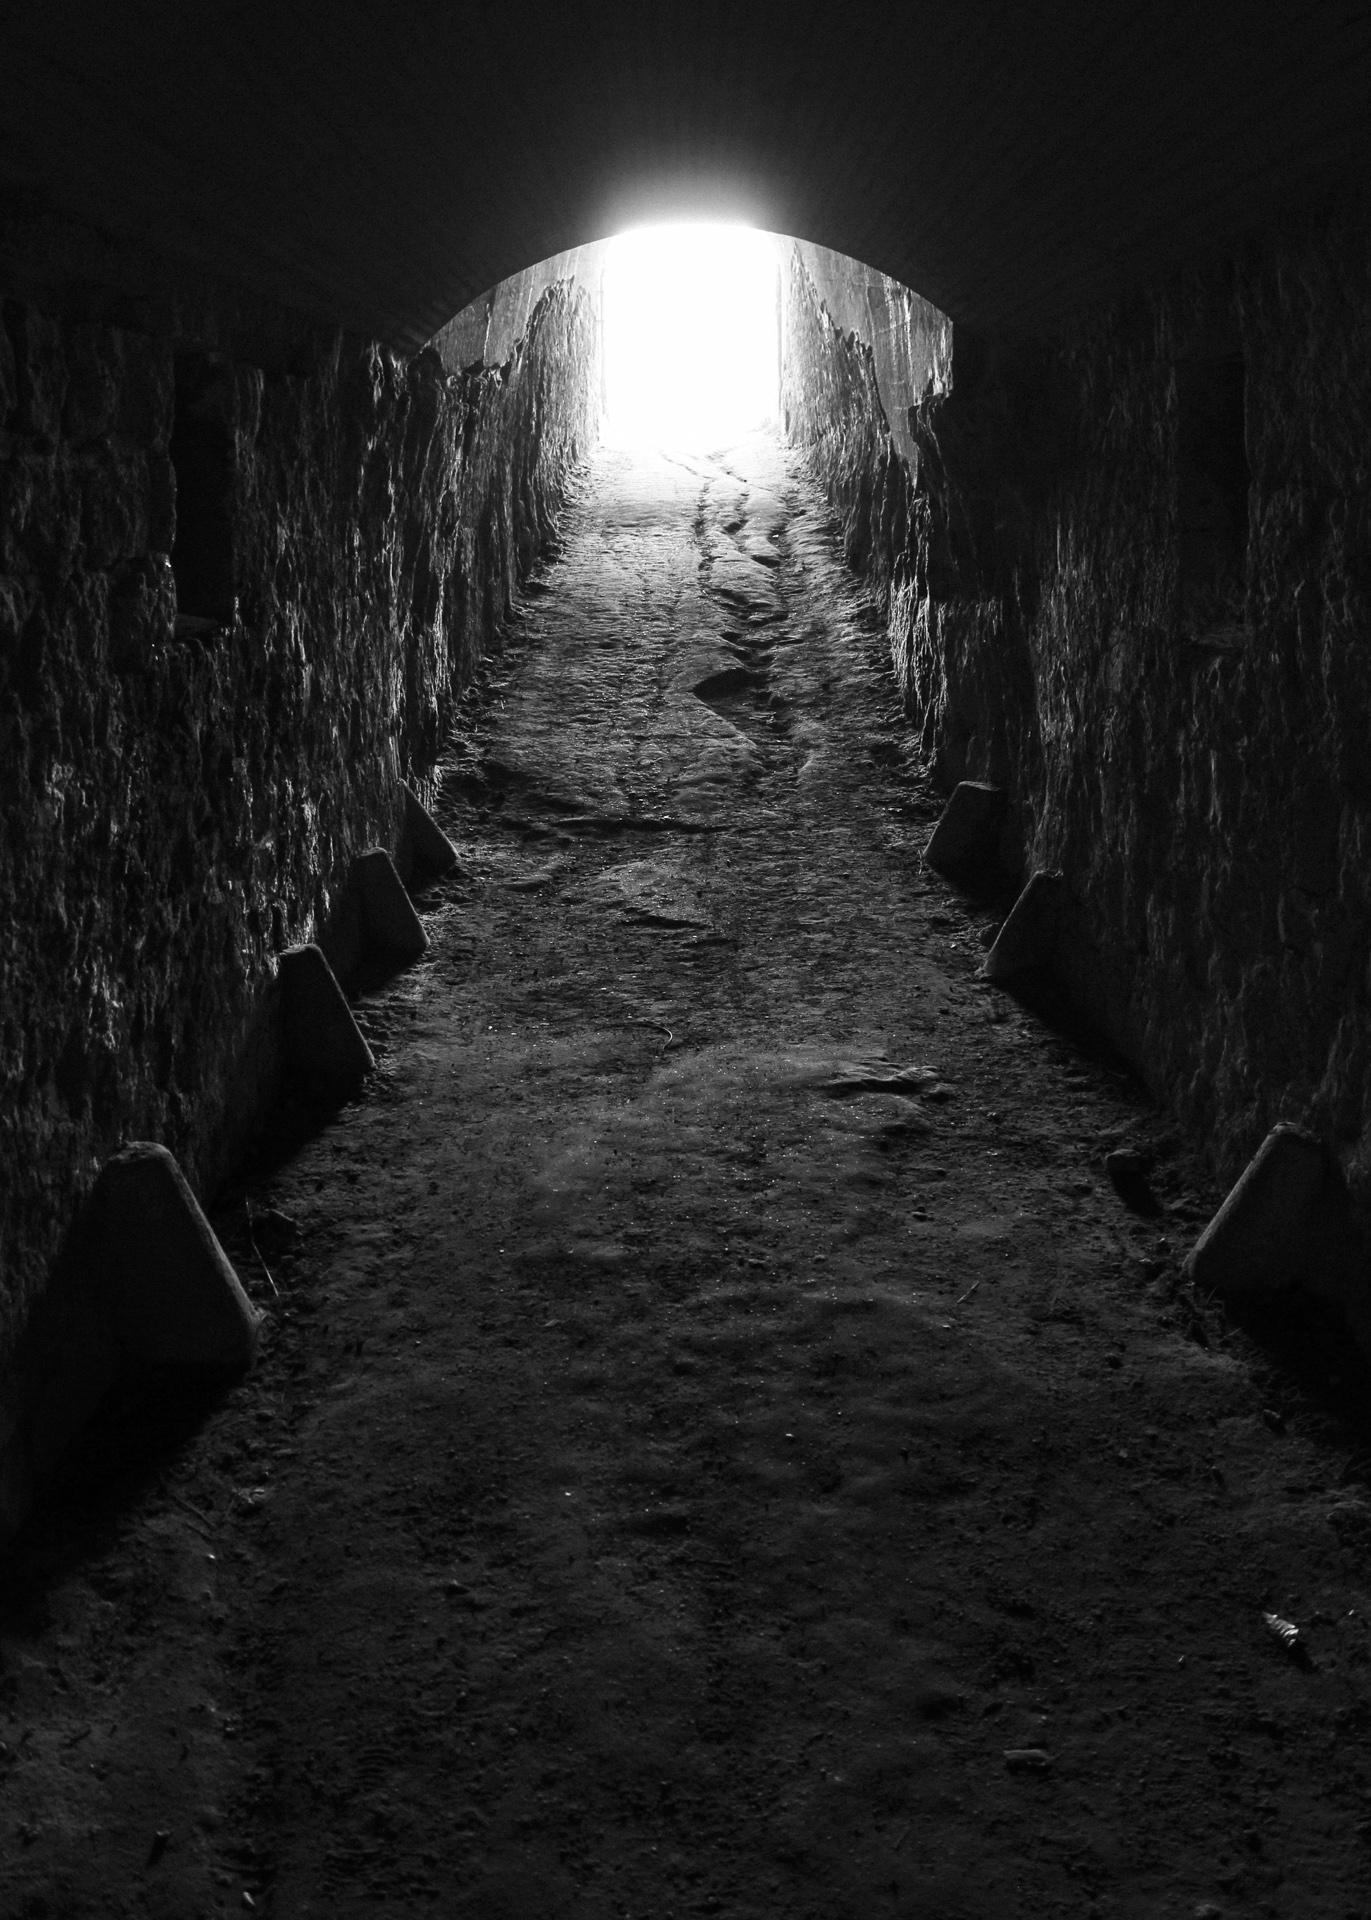 darktunnell.jpg